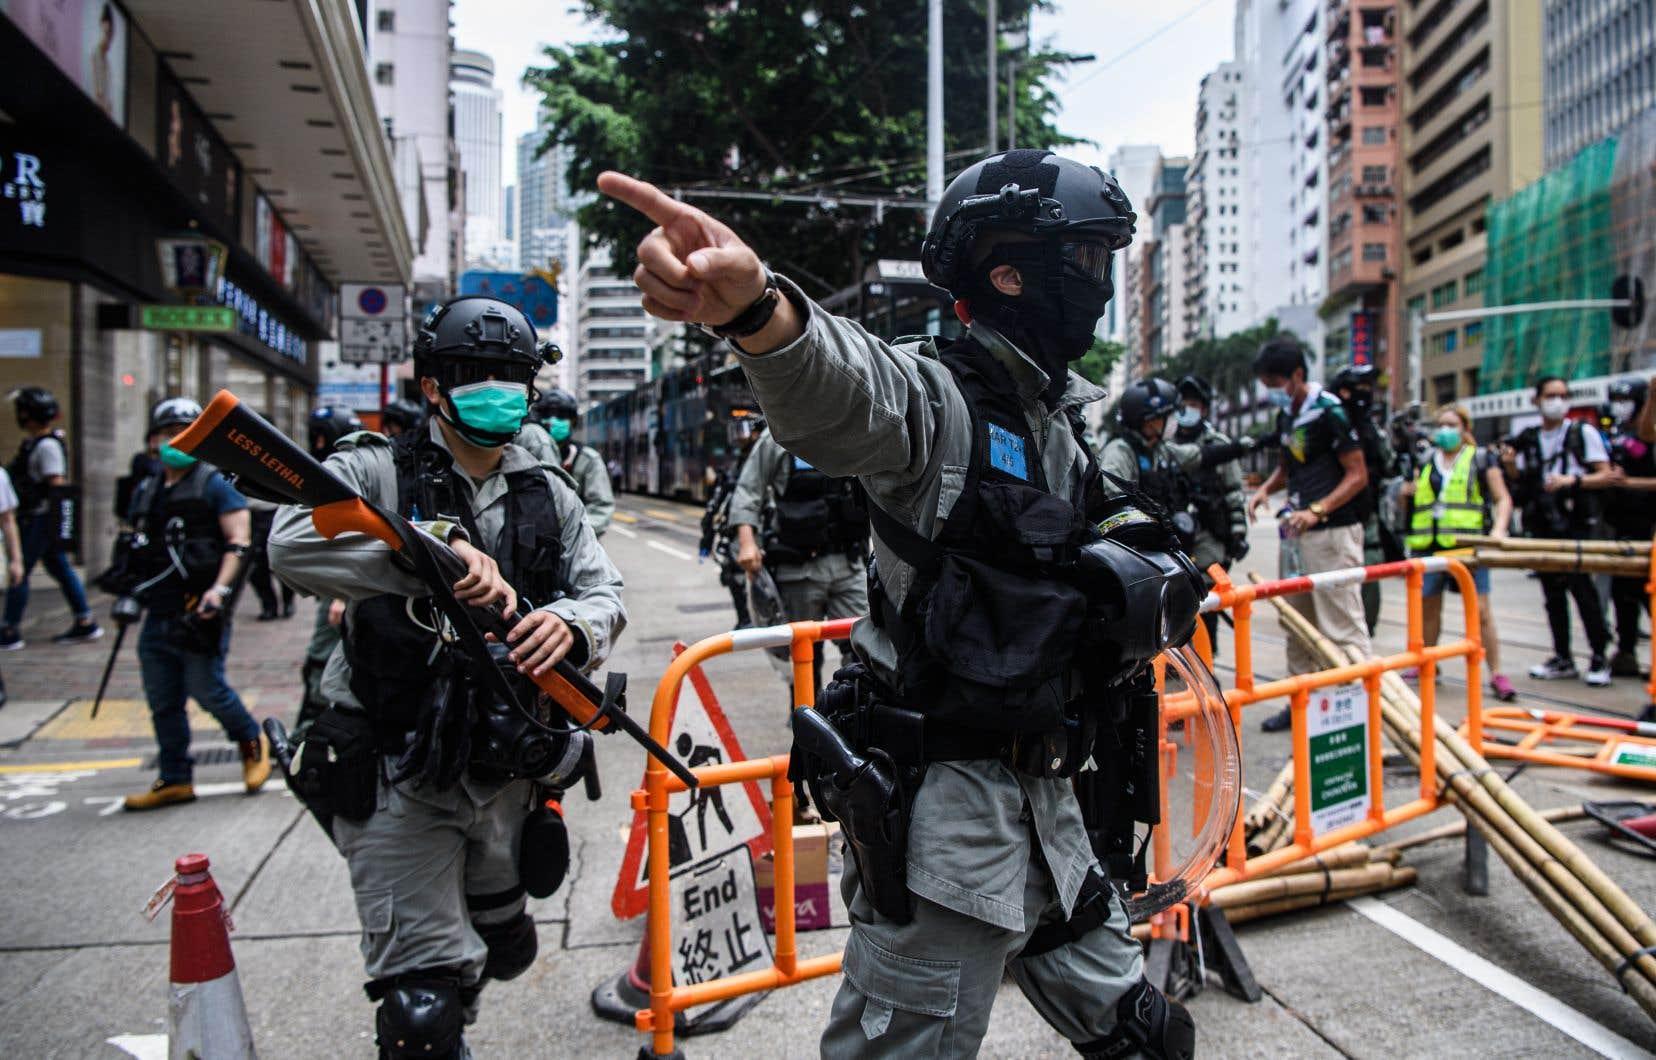 Le mouvement de contestation contre l'autoritarisme de Pékin à l'endroit de Hong Kong a repris de la vigueur dimanche, avec de nouvelles manifestations.